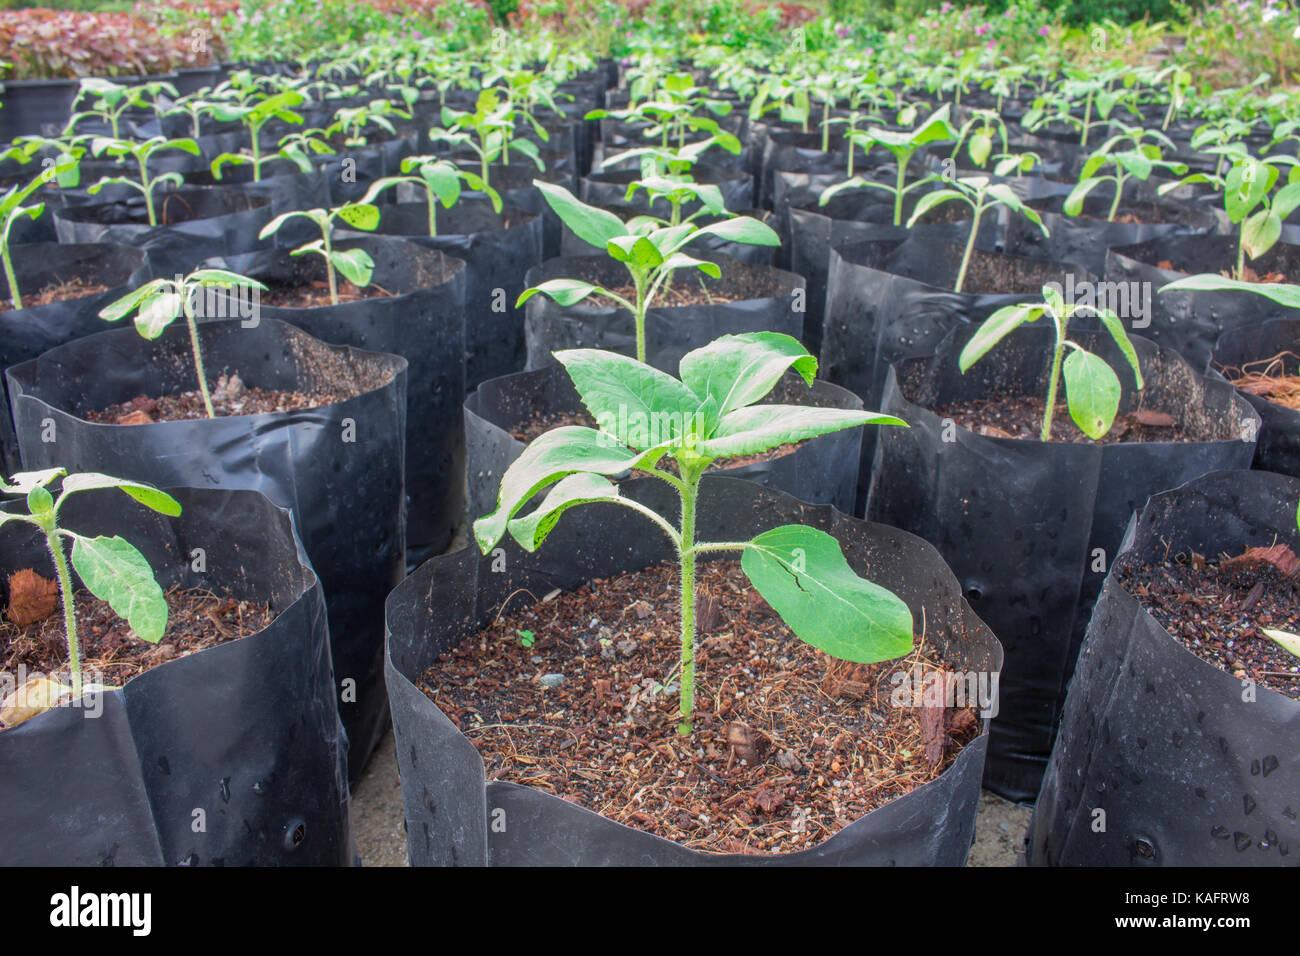 Sämlinge, die Anpflanzung von Sonnenblume gesund vorbereiten, vor dem Einpflanzen. Stockbild